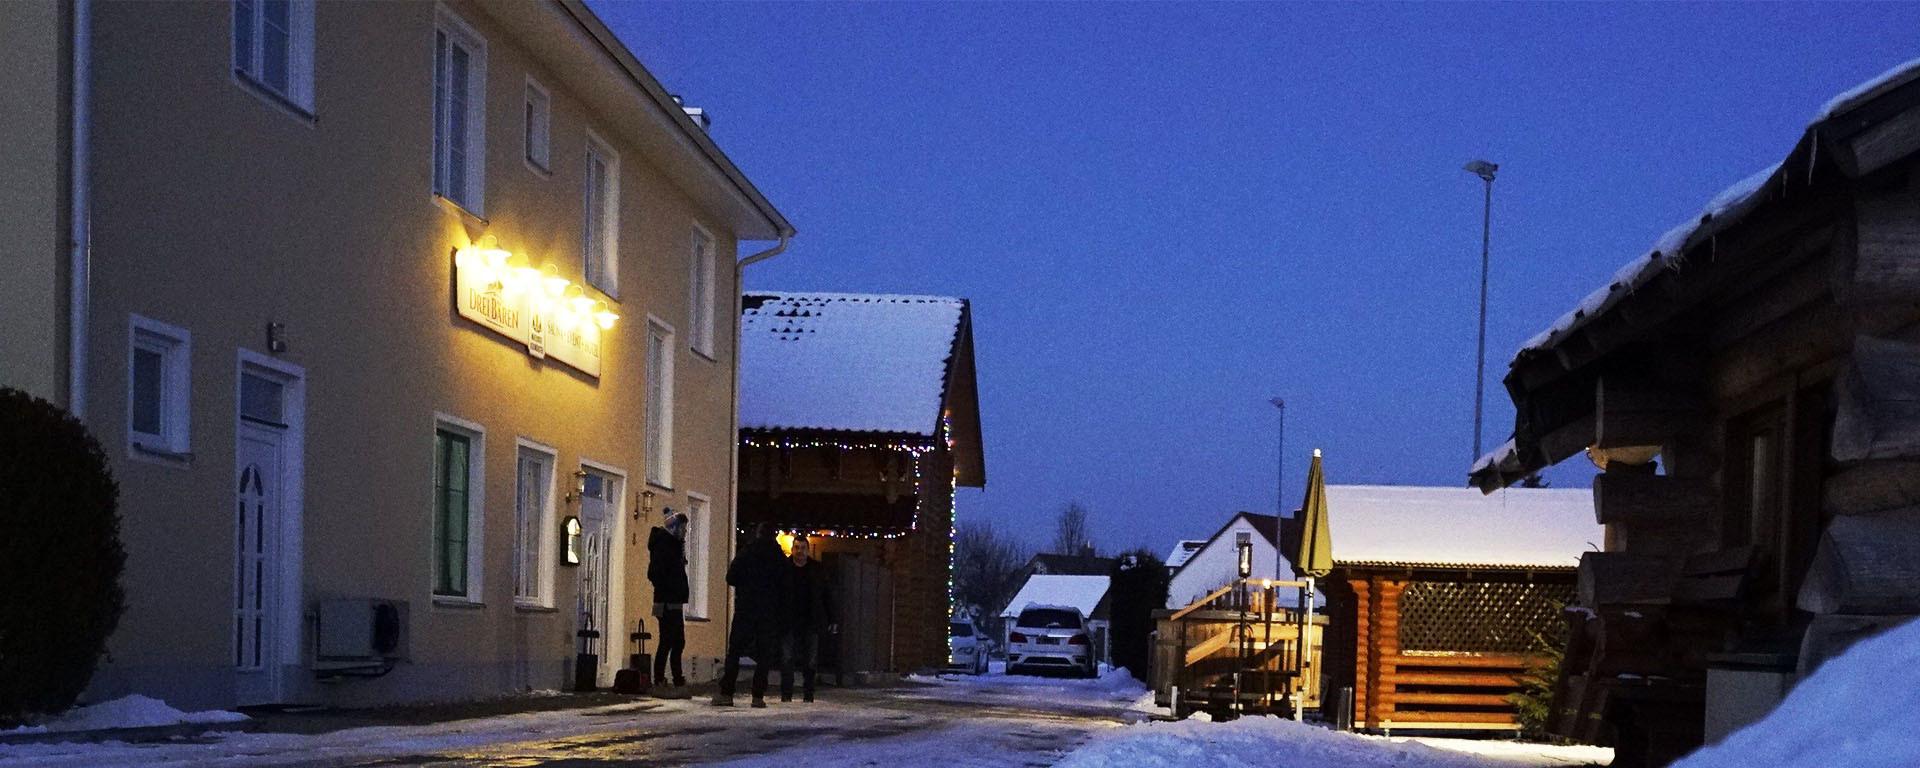 Russische Banja - Sauna in 86551 Aichach bei Dasing/ Augsburg